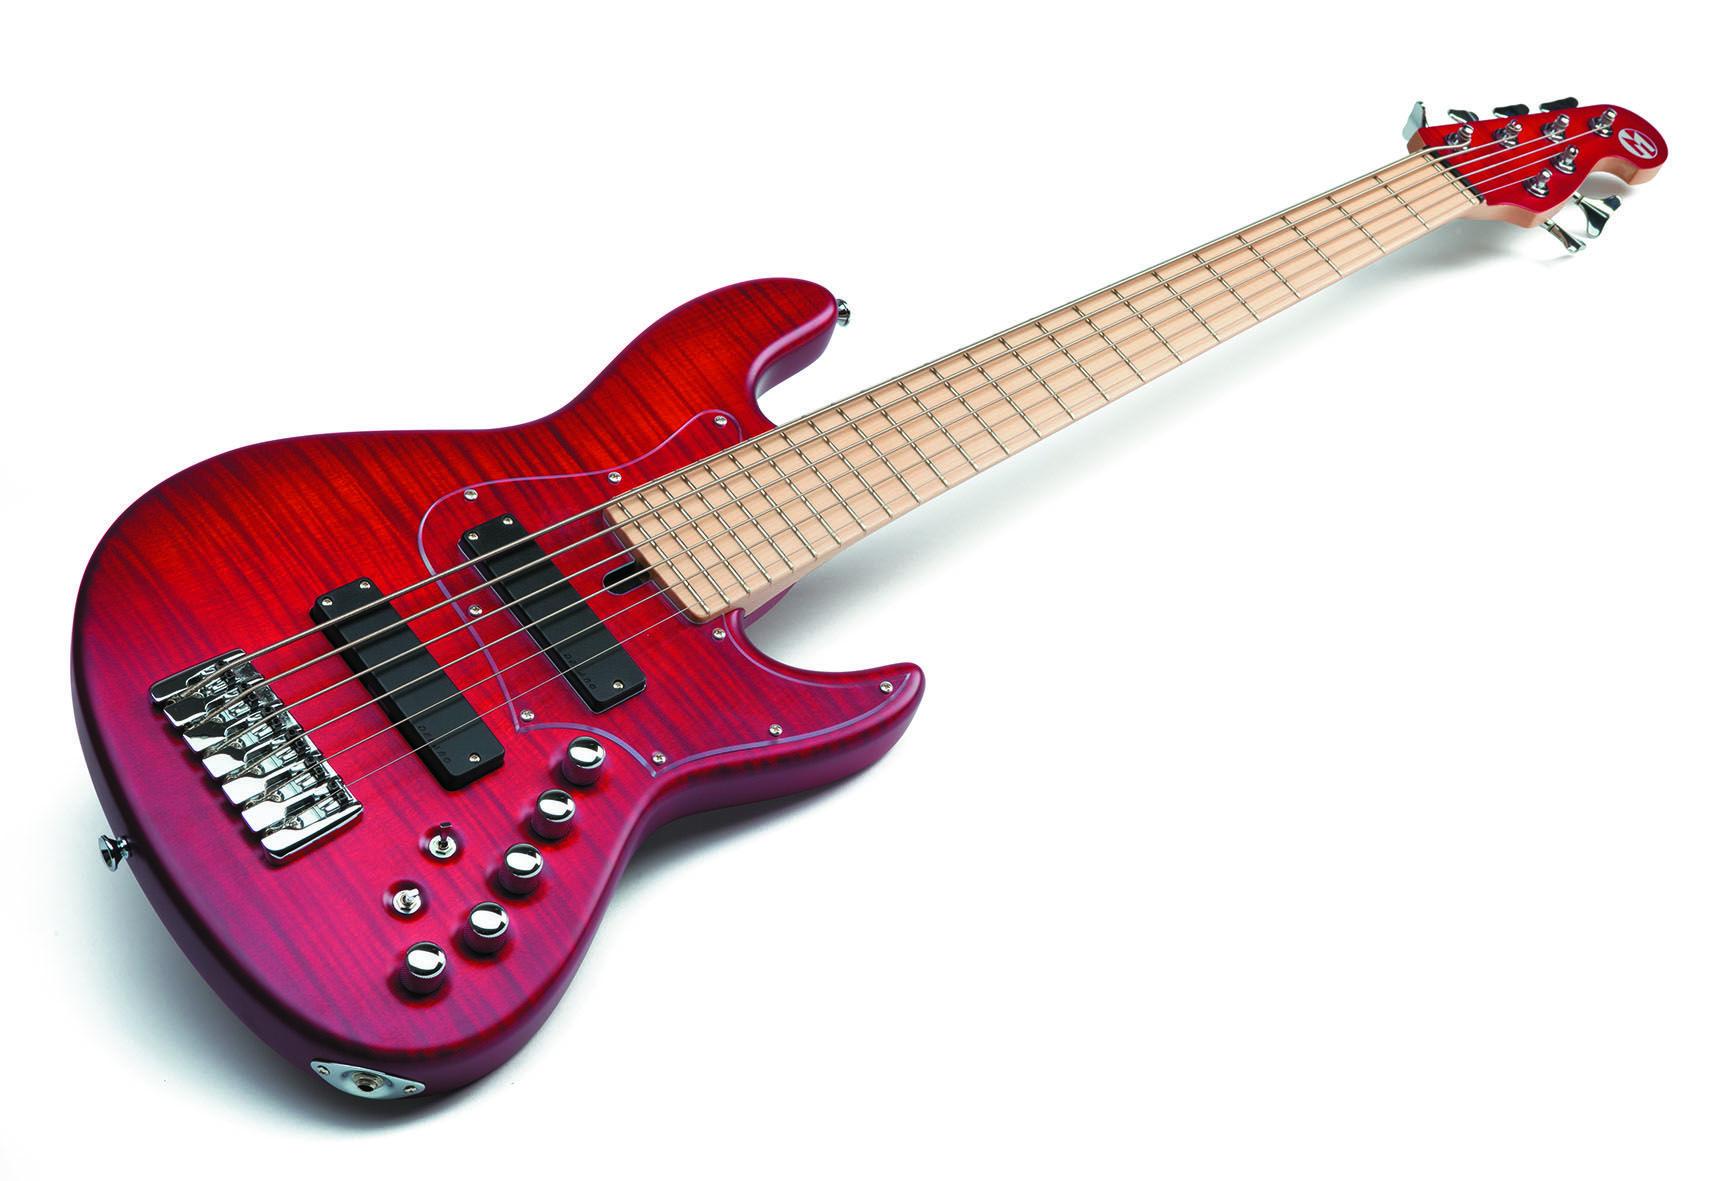 Maruszczyk Elwood L6a-24 Red Custom